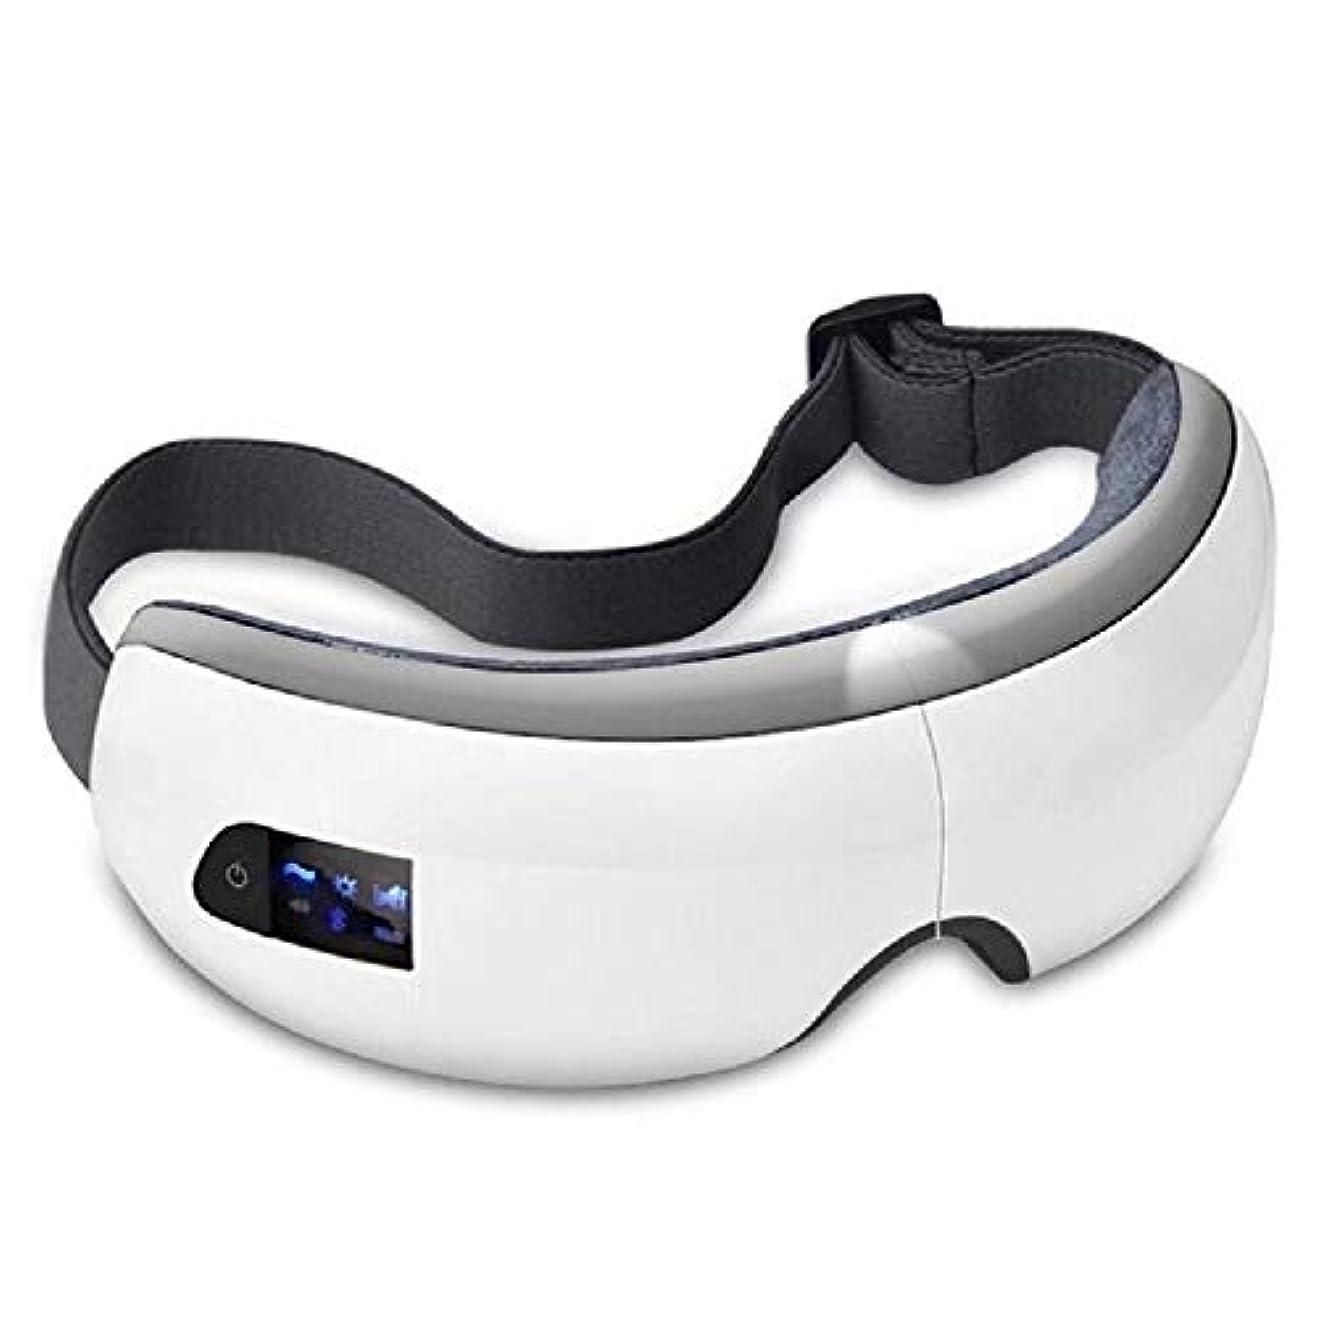 二十隠すを必要としていますMeet now 流行の目のマッサージのSPAの器械、熱療法が付いている電気アイマッサージャー 品質保証